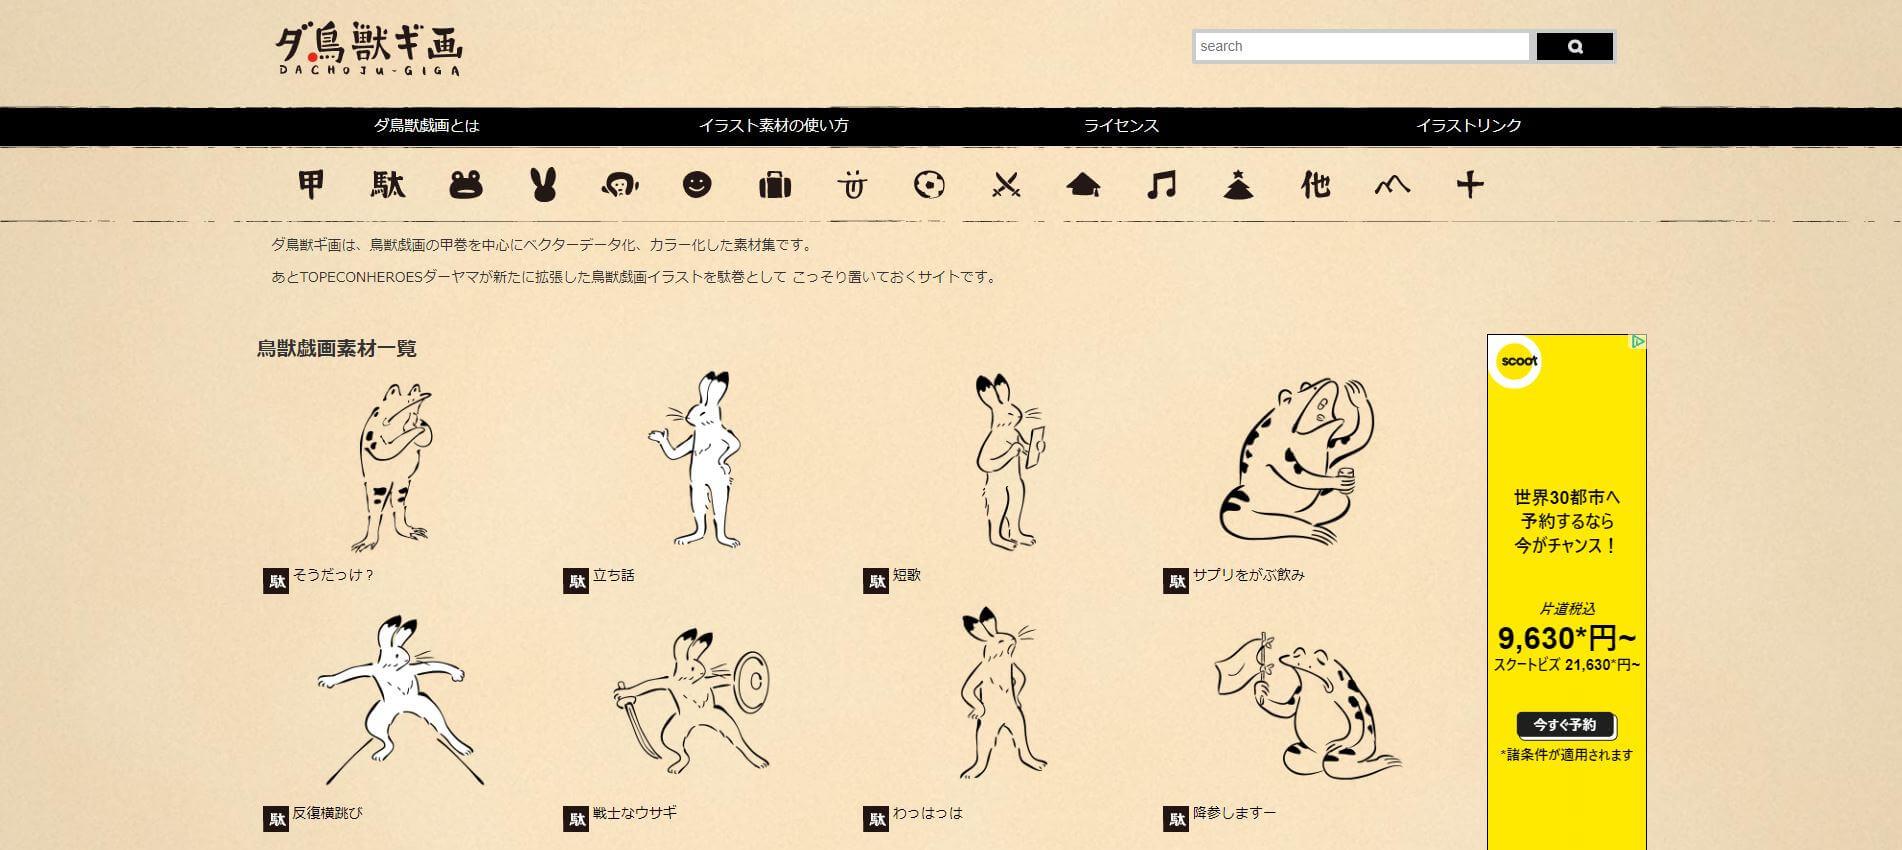 ダ鳥獣ギ画のトップページ